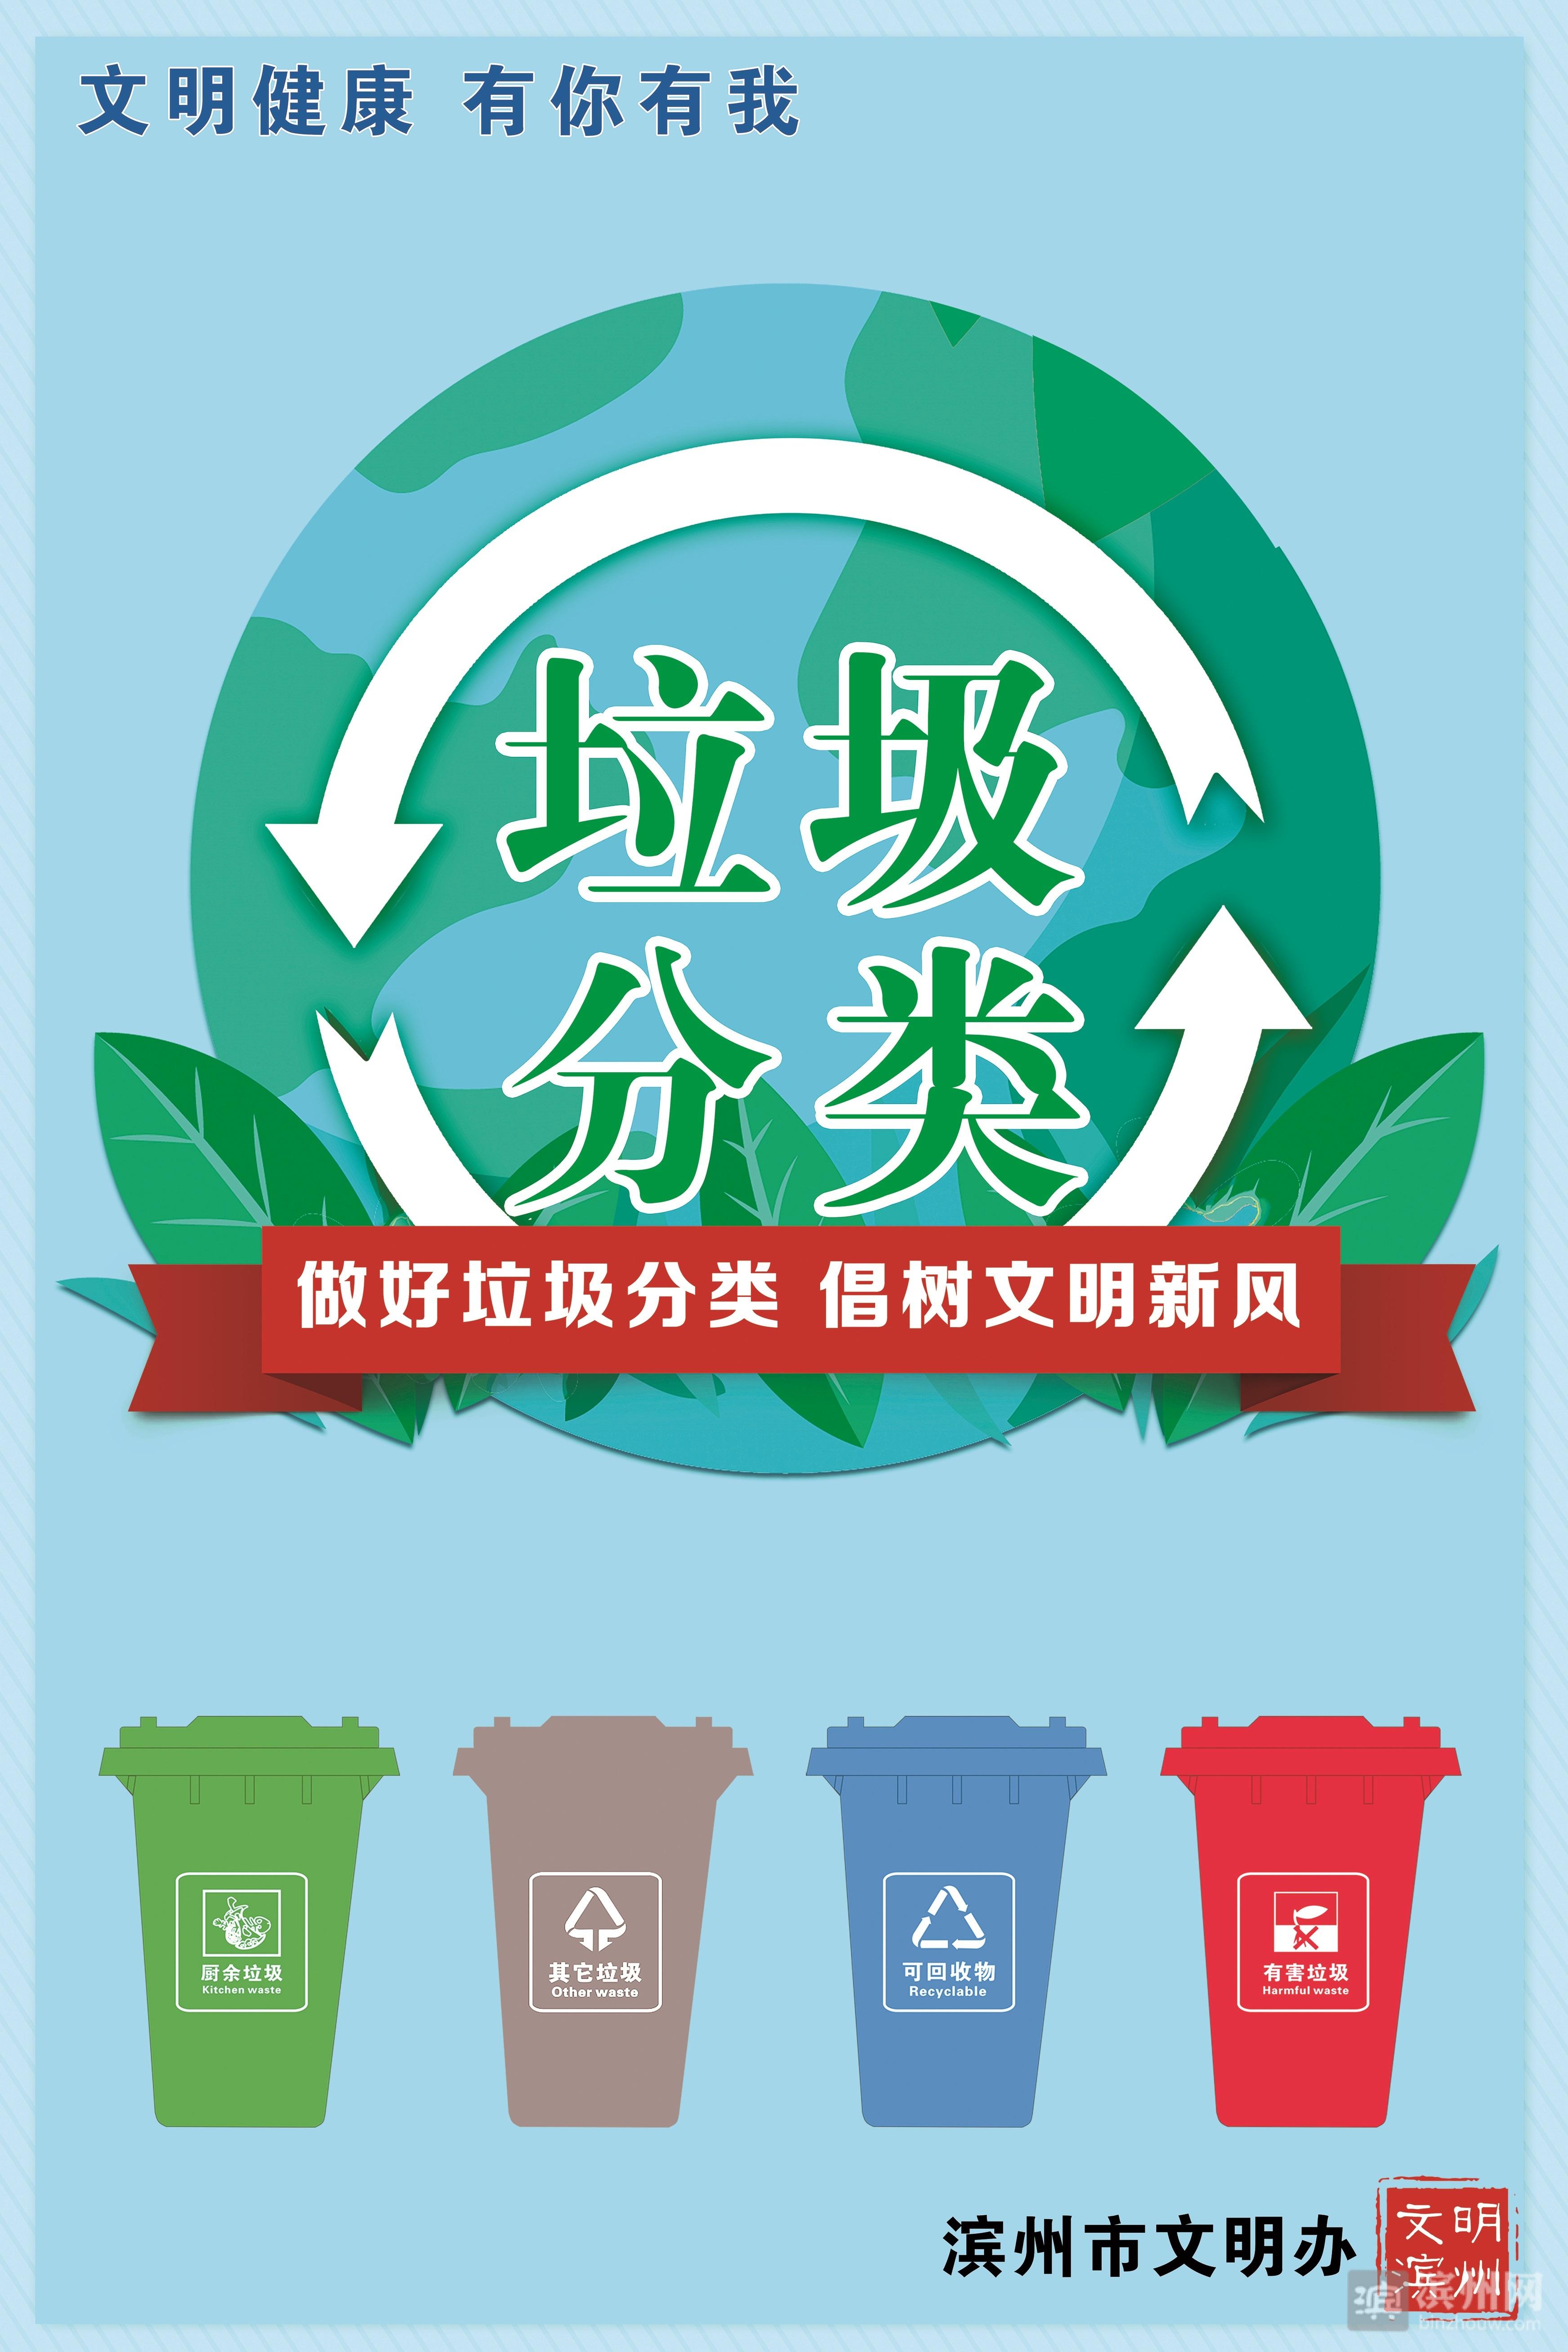 公益广告:做好垃圾分类 倡树文明新风